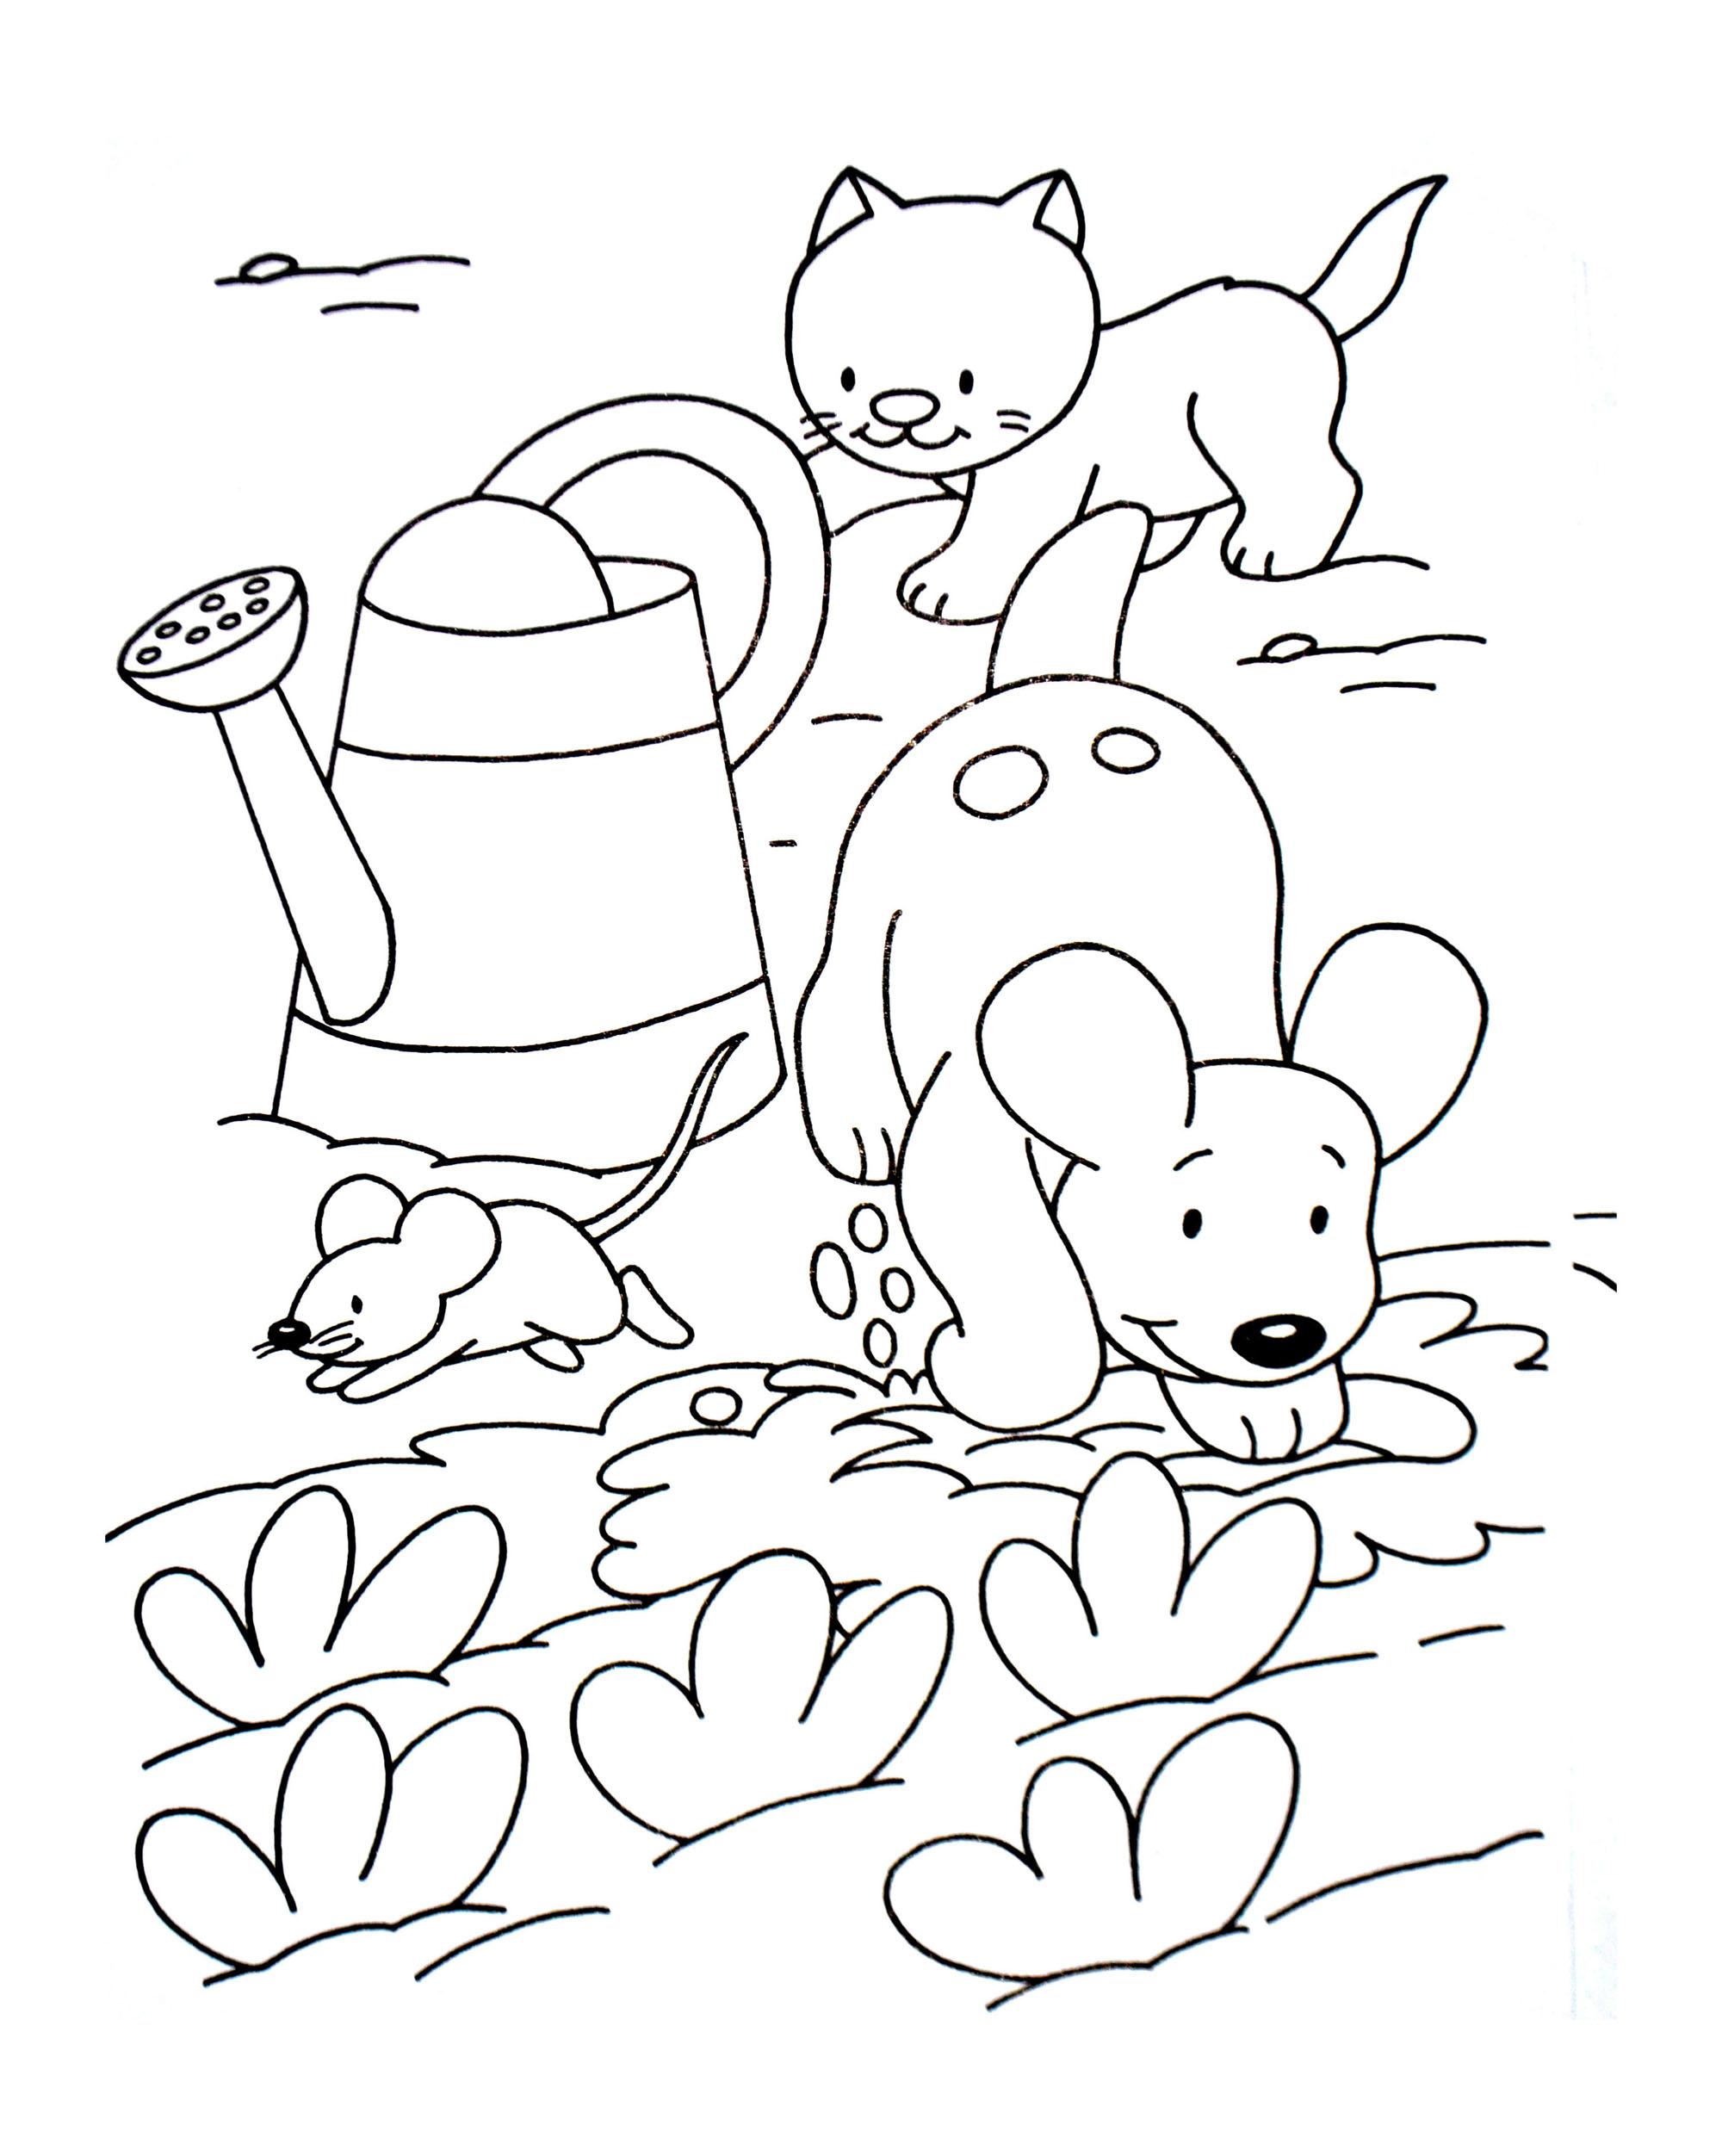 Coloriage de chien simple